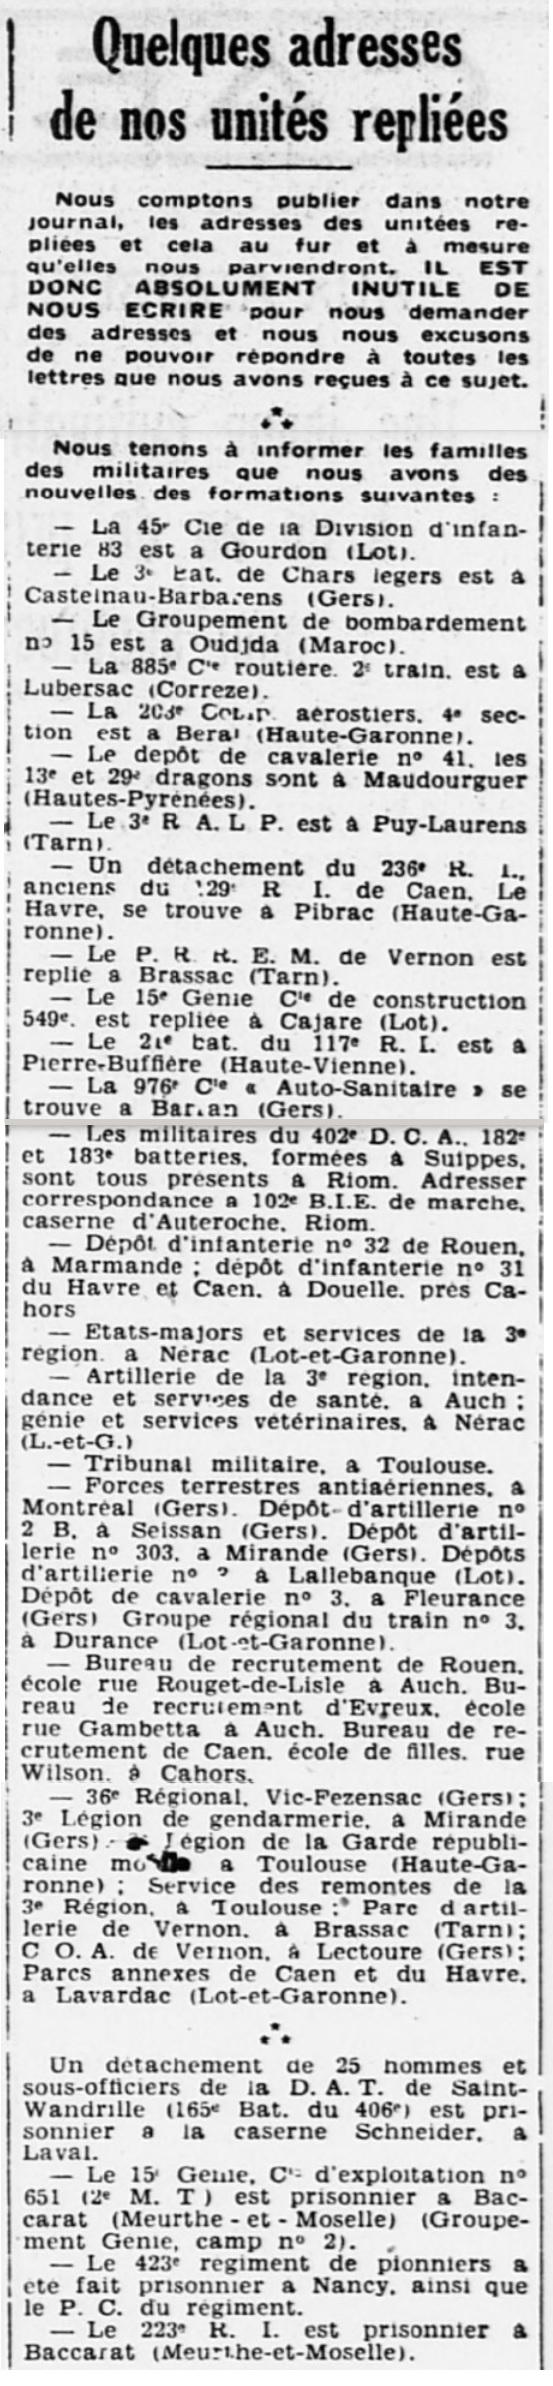 Liste des centres de repli des unités françaises 19400725